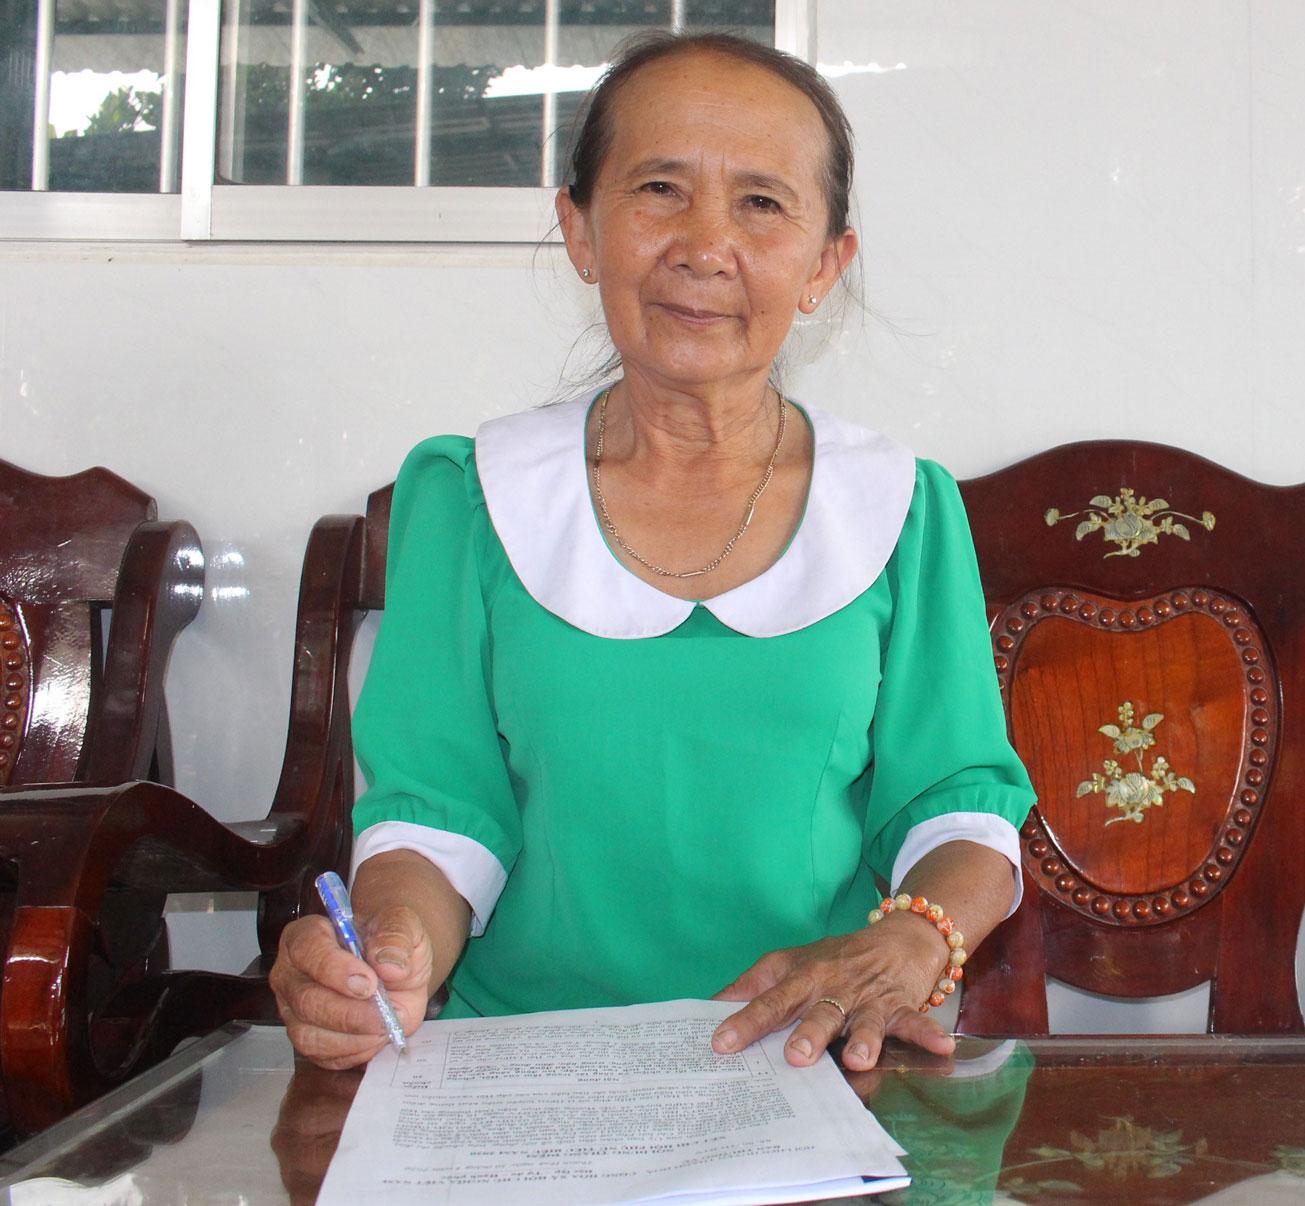 Chị Võ Thị Kim Loan luôn năng nổ, nhiệt tình và gương mẫu đi đầu trong các phong trào do địa phương phát động